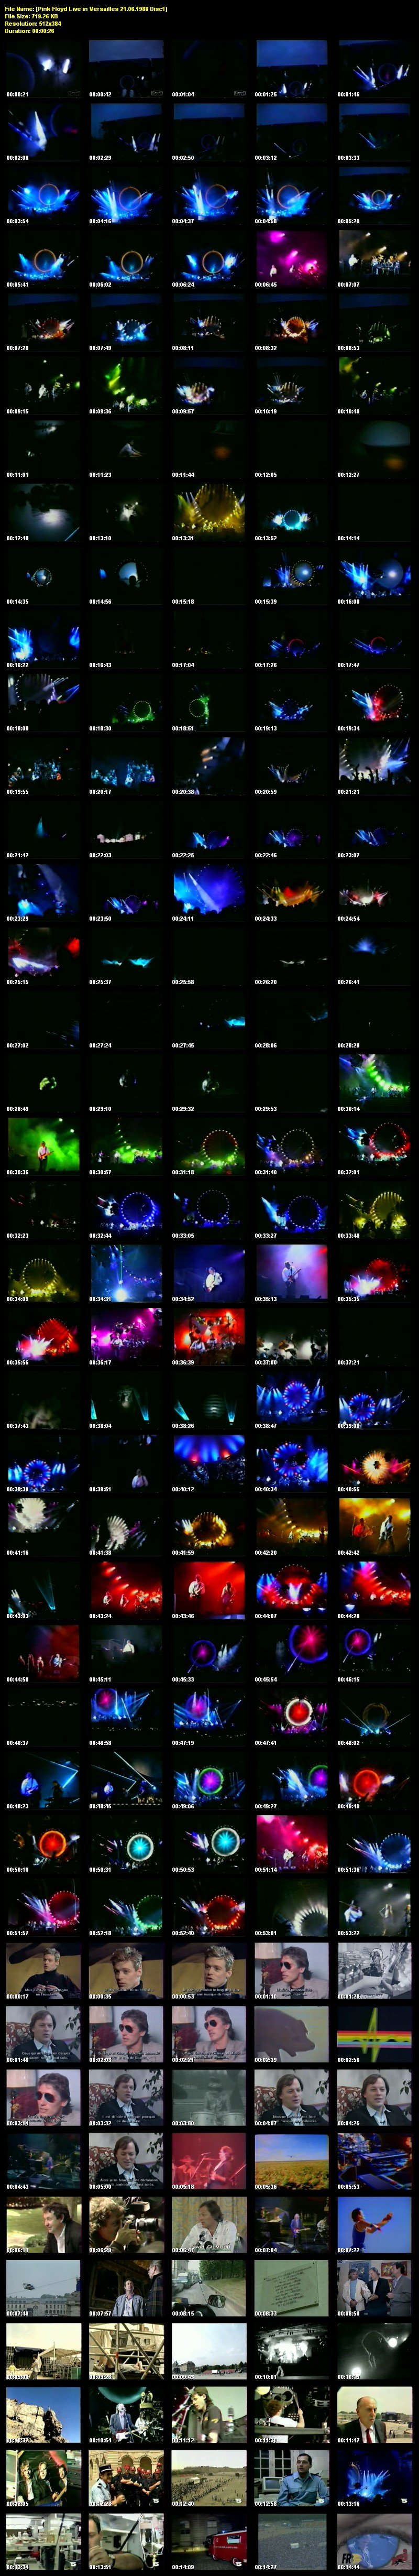 39205_PinkFloyd_liveinversailles01_122_773lo.jpg